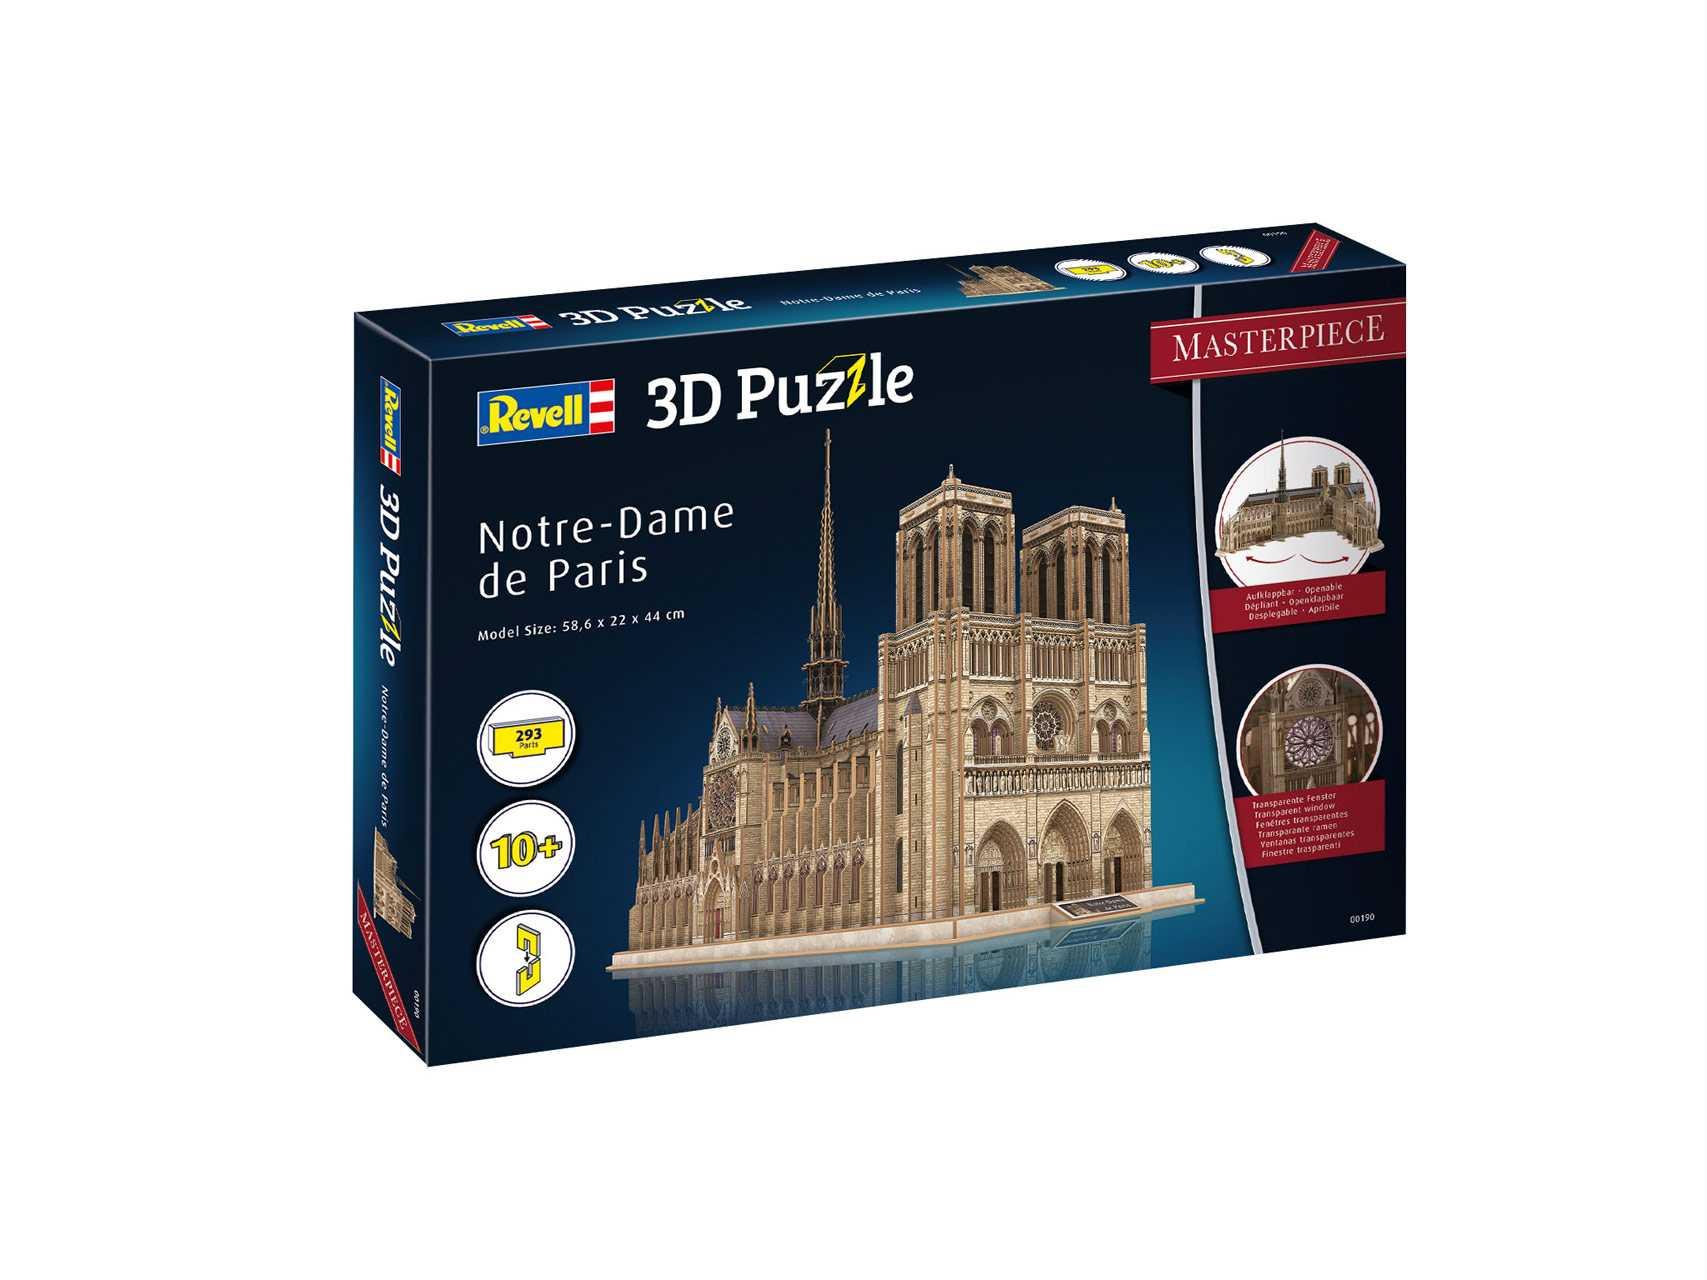 3D Puzzle Revell – Notre Dame de Paris